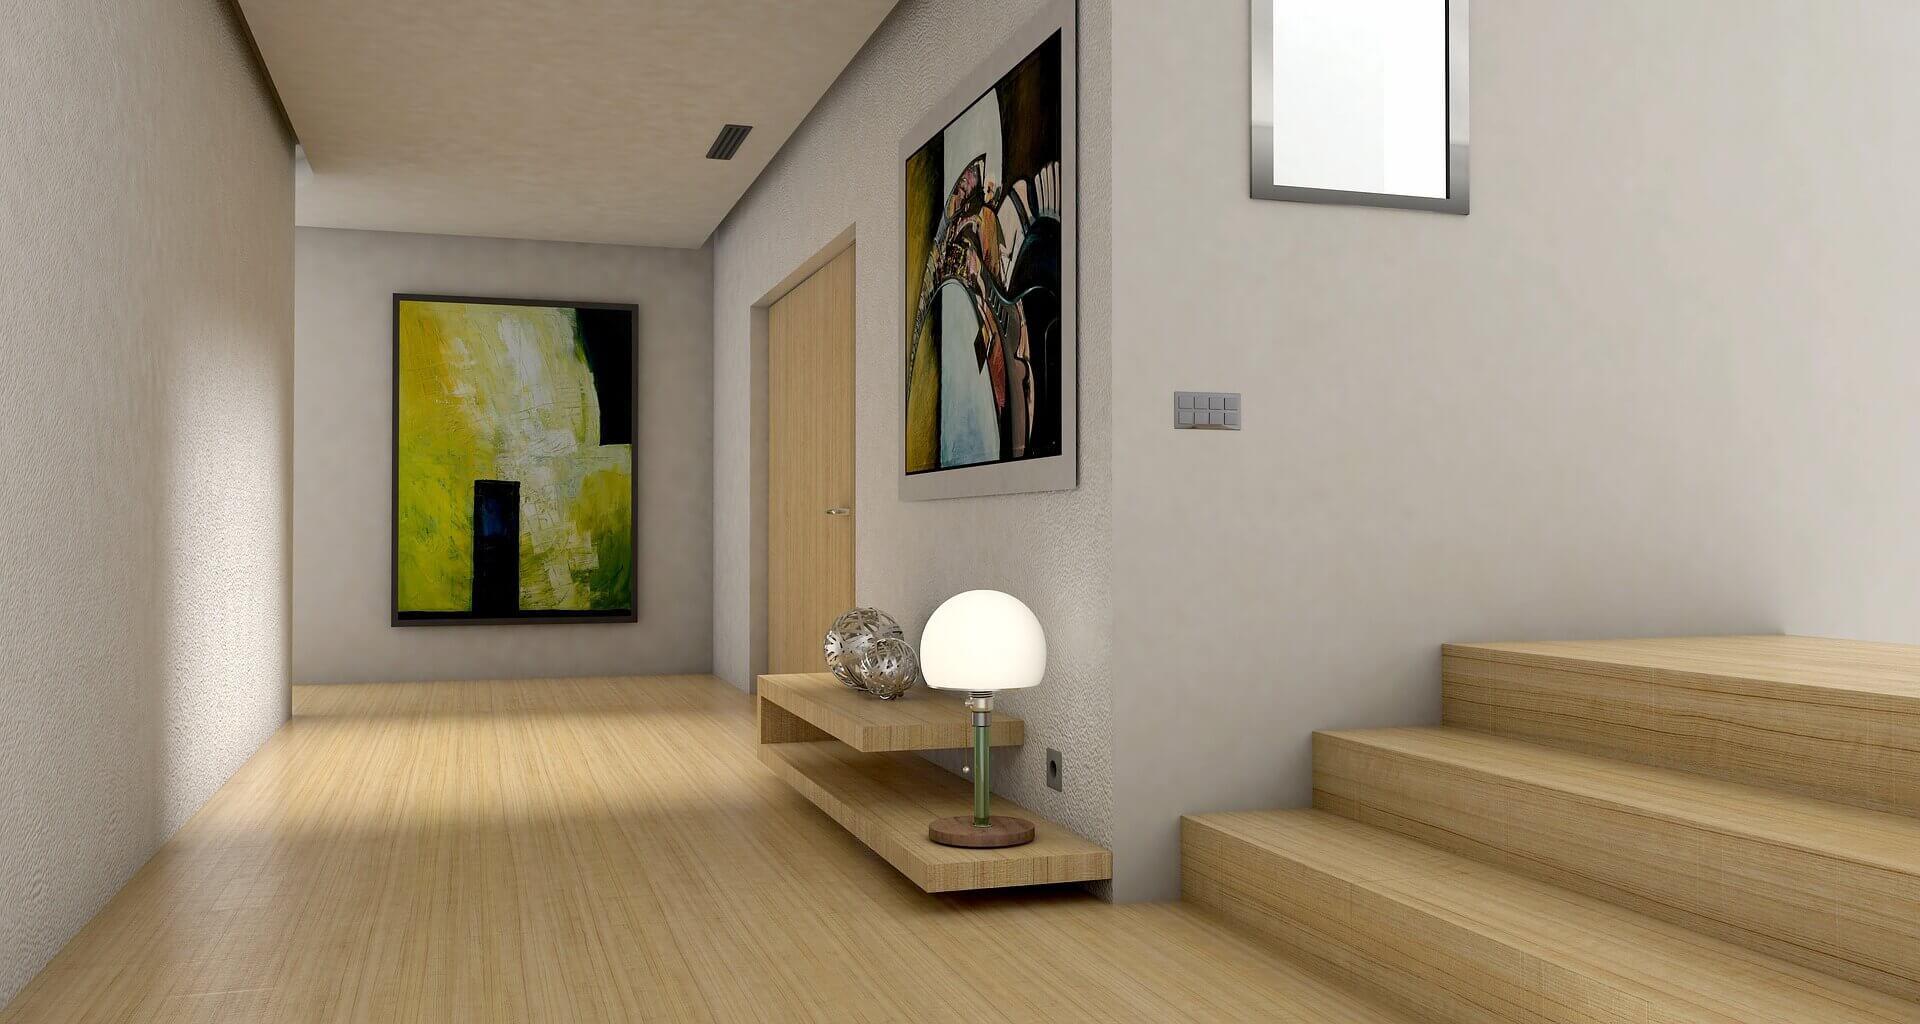 Wizytówka mieszkania, czyli jak urządzić przedpokój